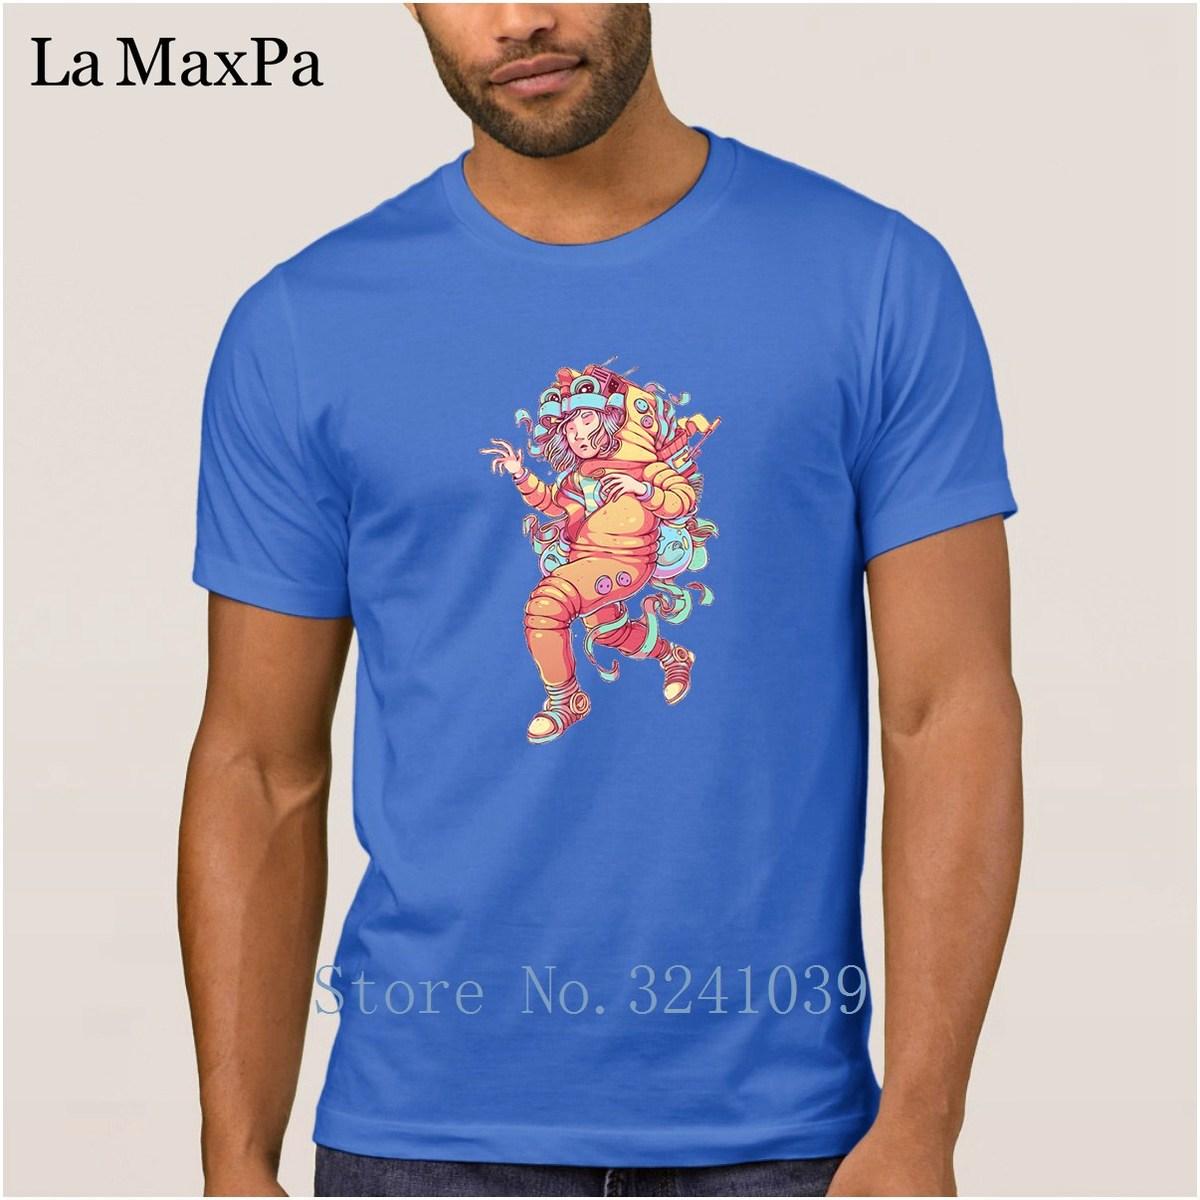 Printed Better Tshirt Man Cotton Simple 2018 T-Shirt For Men Orange Jump Suit Men T Shirt Solid Color Euro Size Cheap Sale